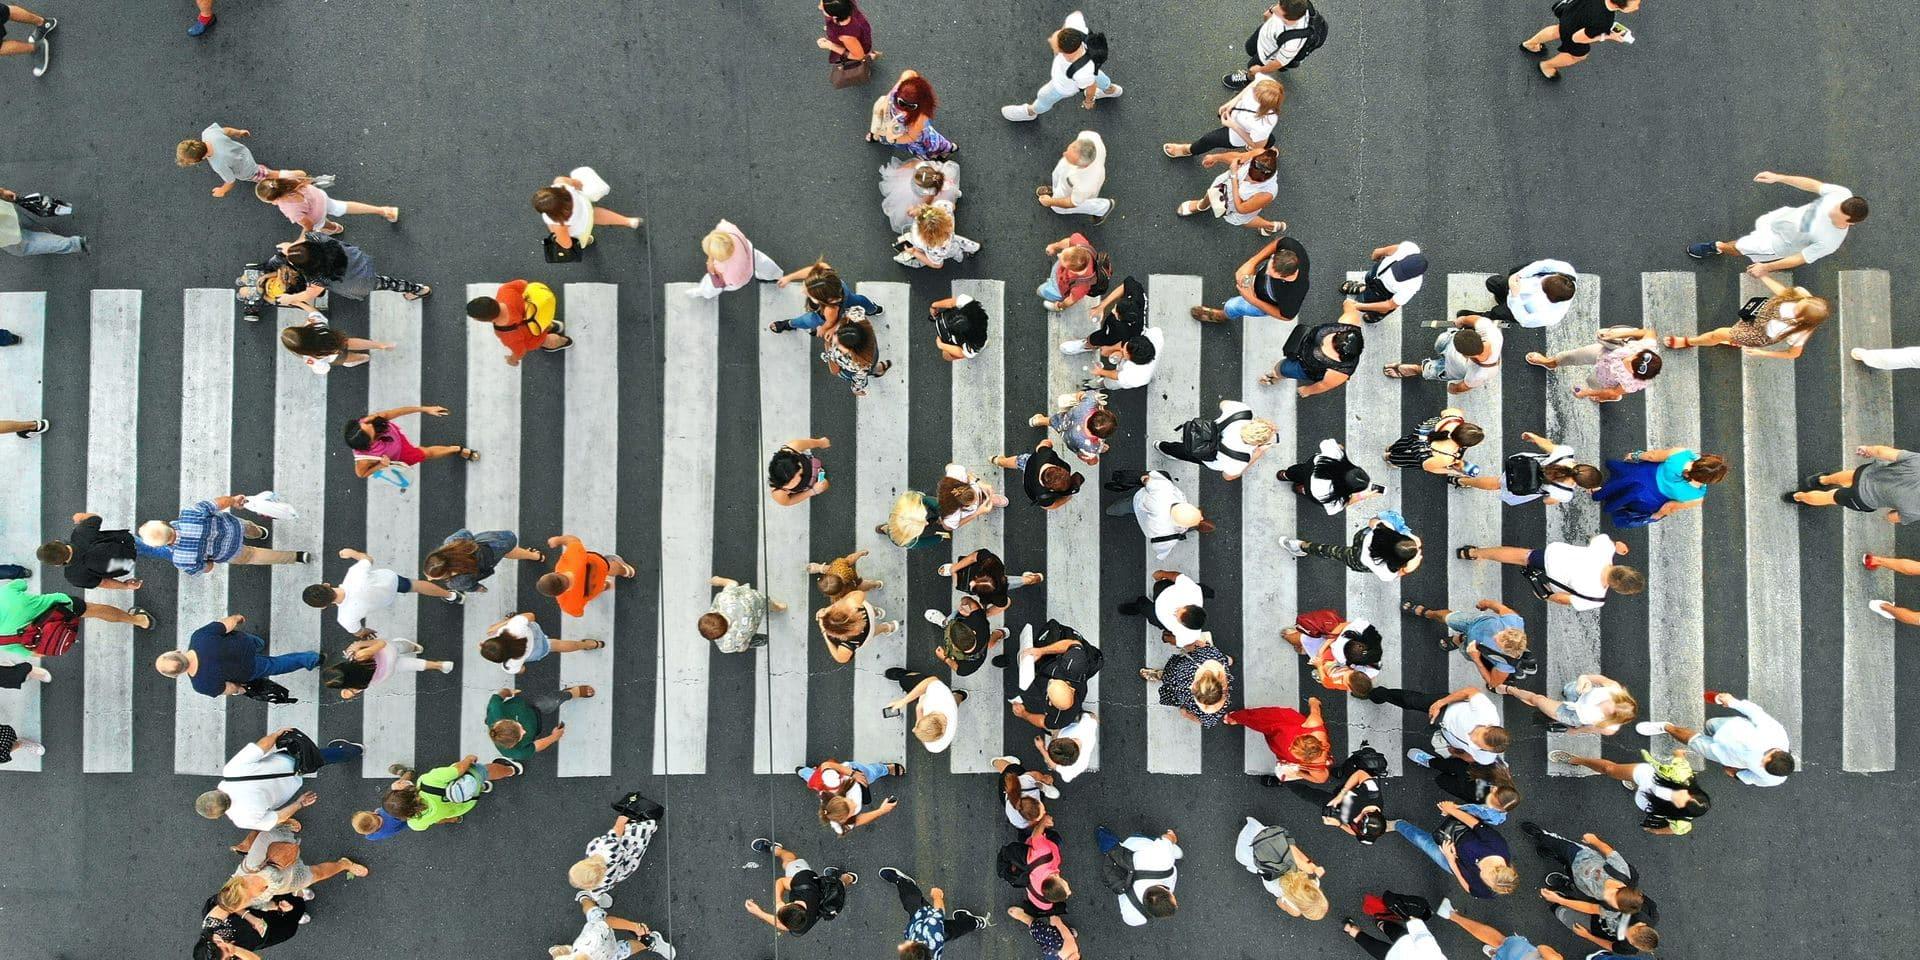 Pour la première fois en un quart de siècle, la population bruxelloise aurait diminué